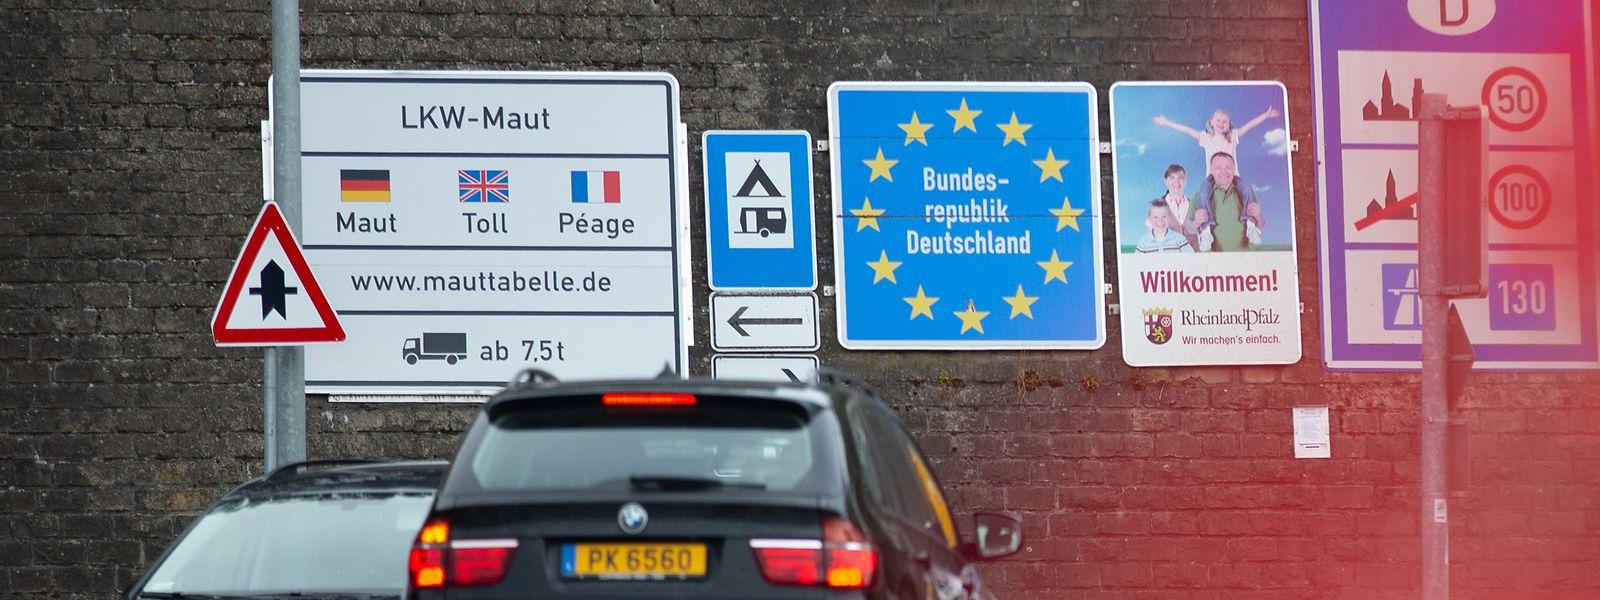 Face à une recrudescence du nombre de cas, l'Allemagne milite pour une fermeture des frontières.